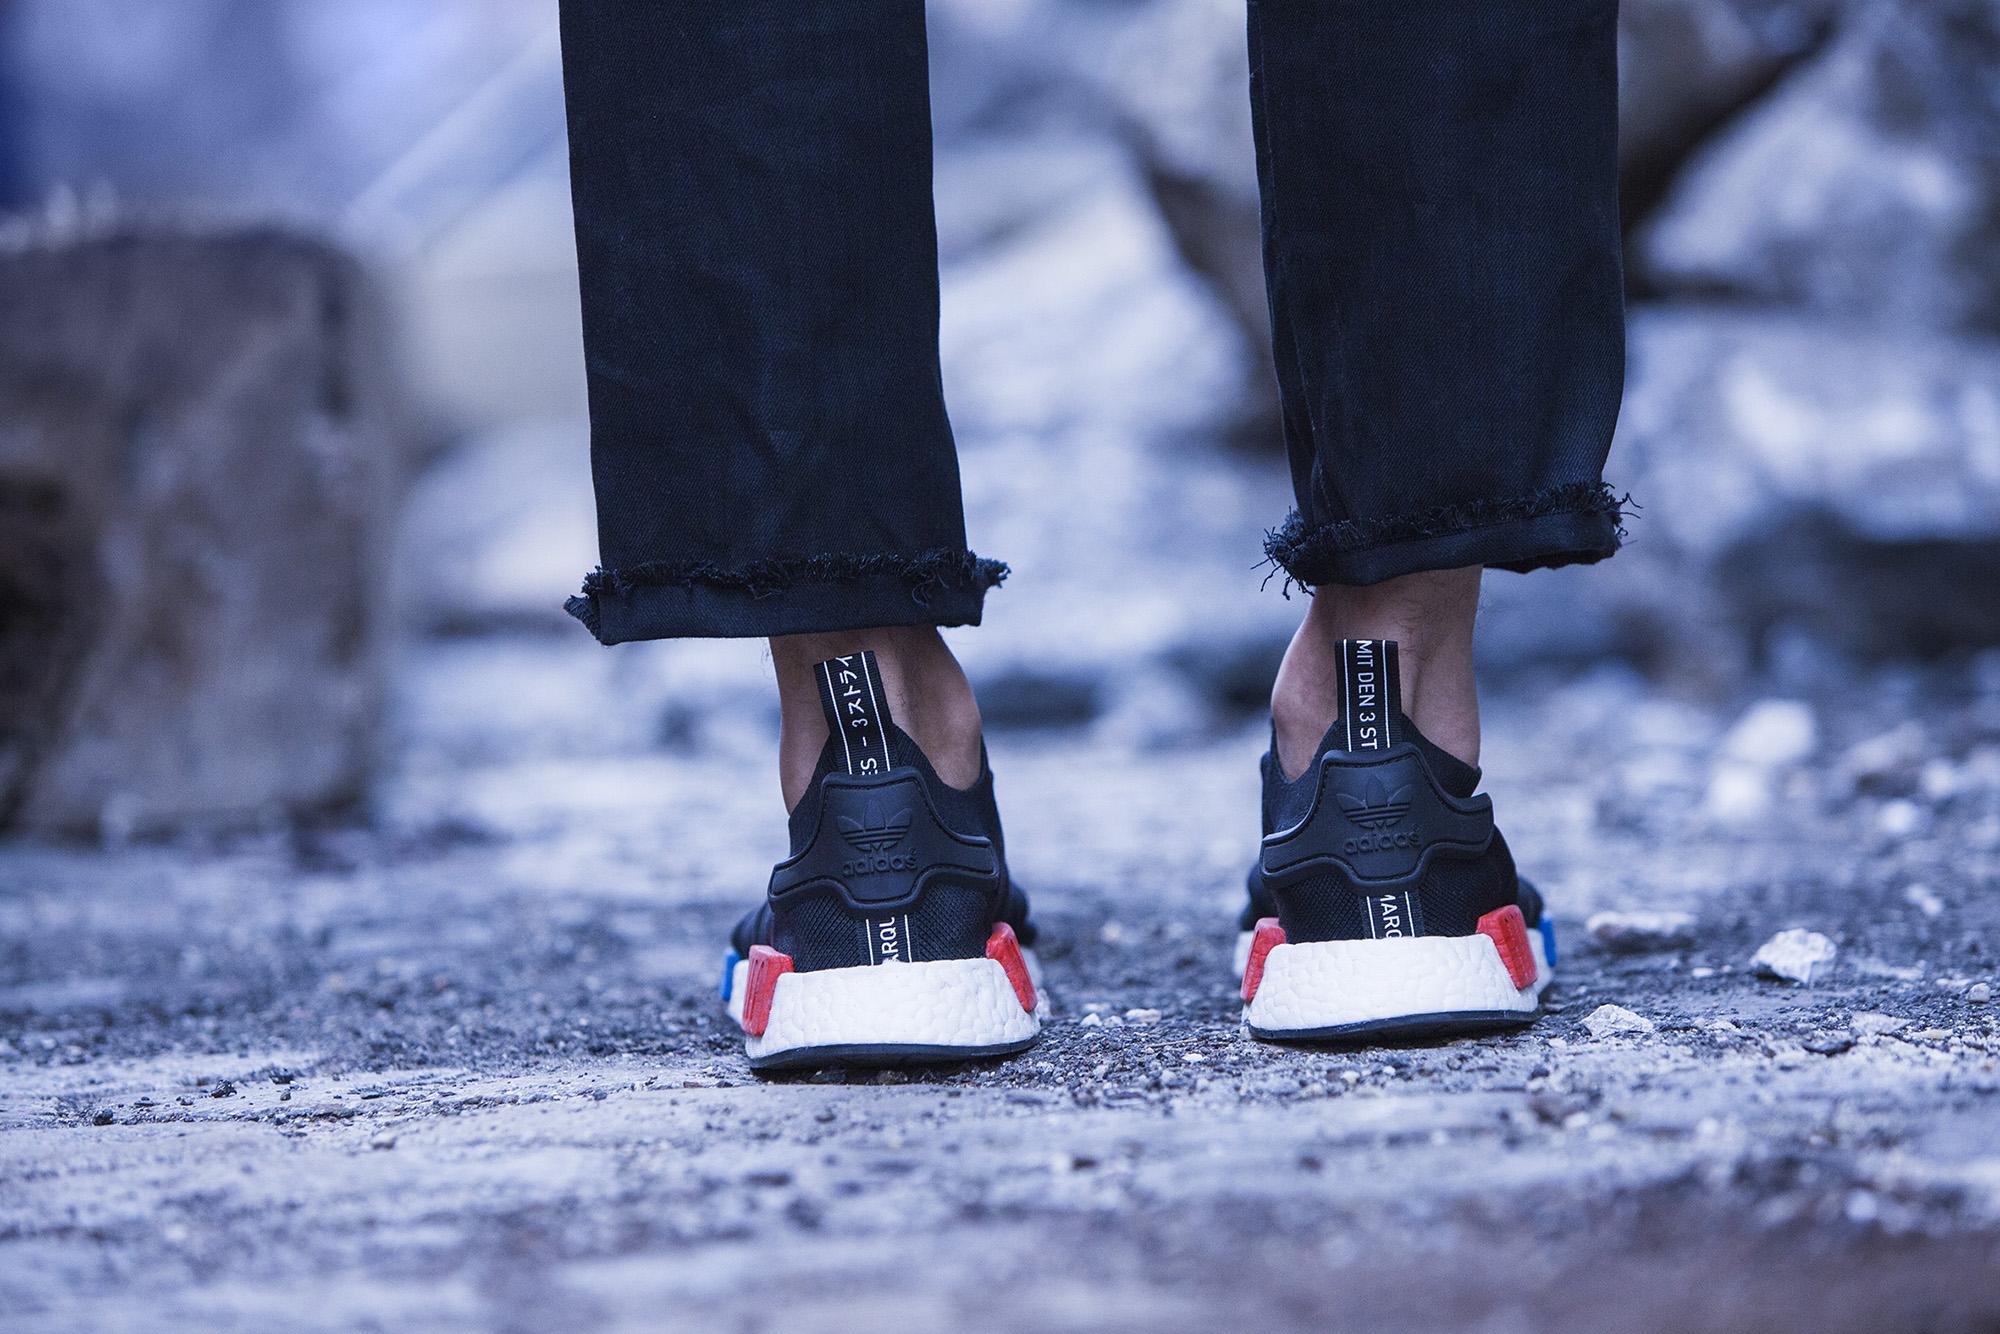 Pre-order  adidas Originals NMD Runner PK – Core Black   Lush Red ... 302e4135285e